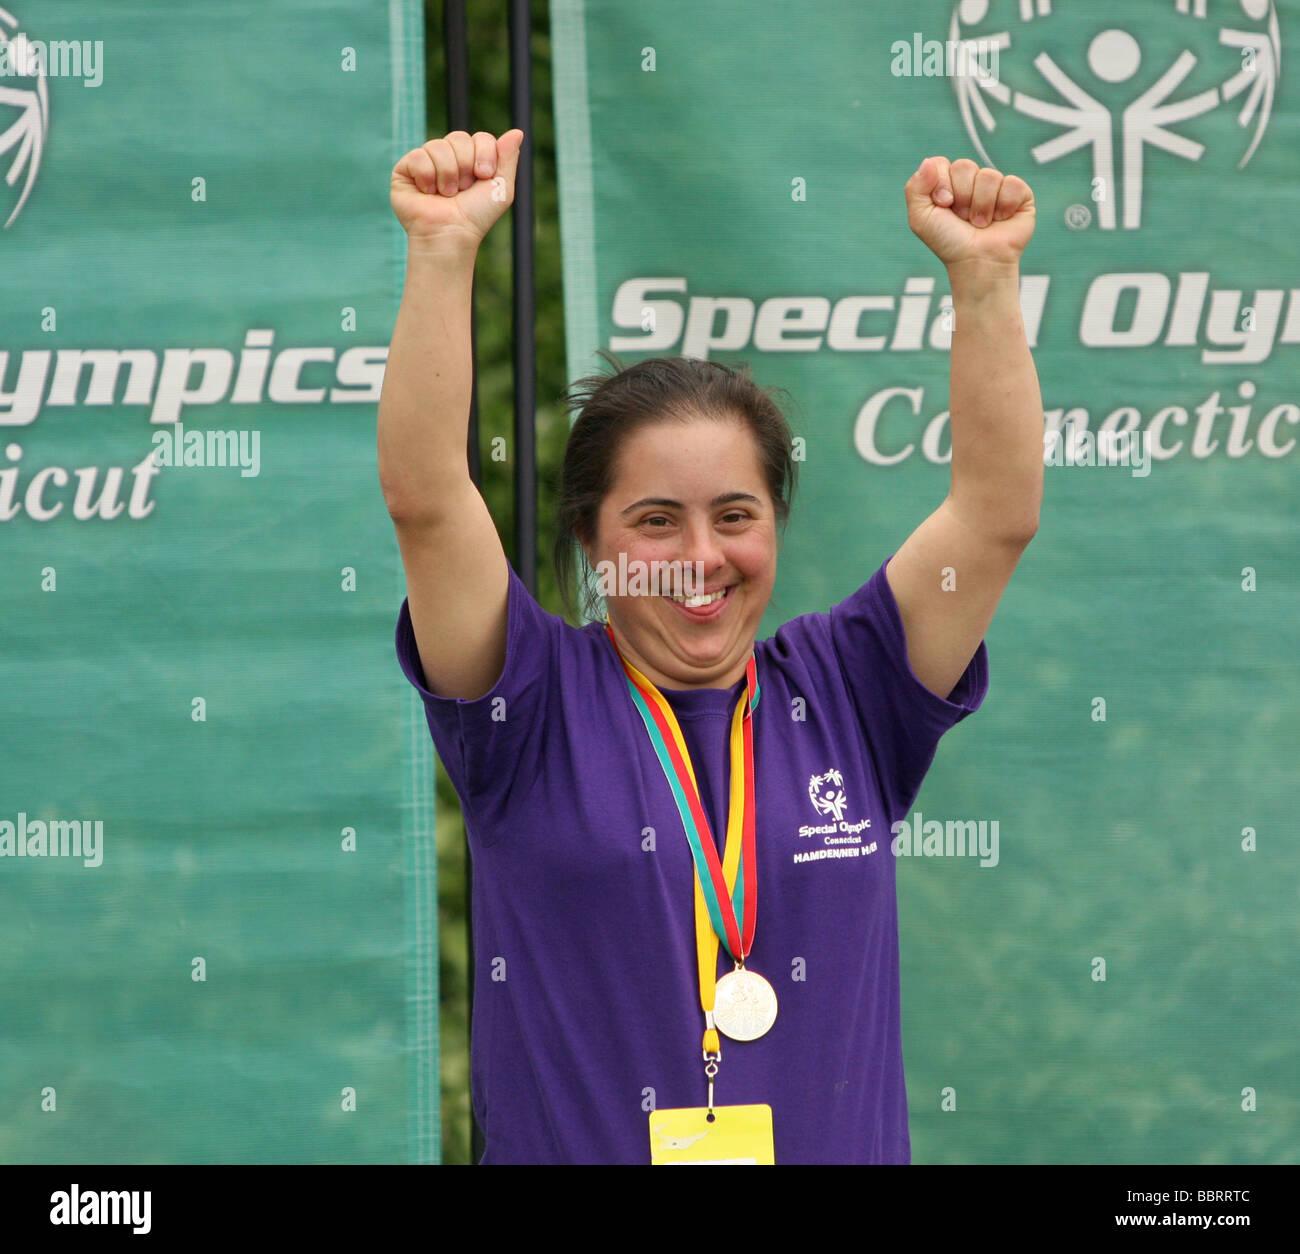 Connecticut USA Special Olympics cerimonia di premiazione medaglia d'Oro Immagini Stock